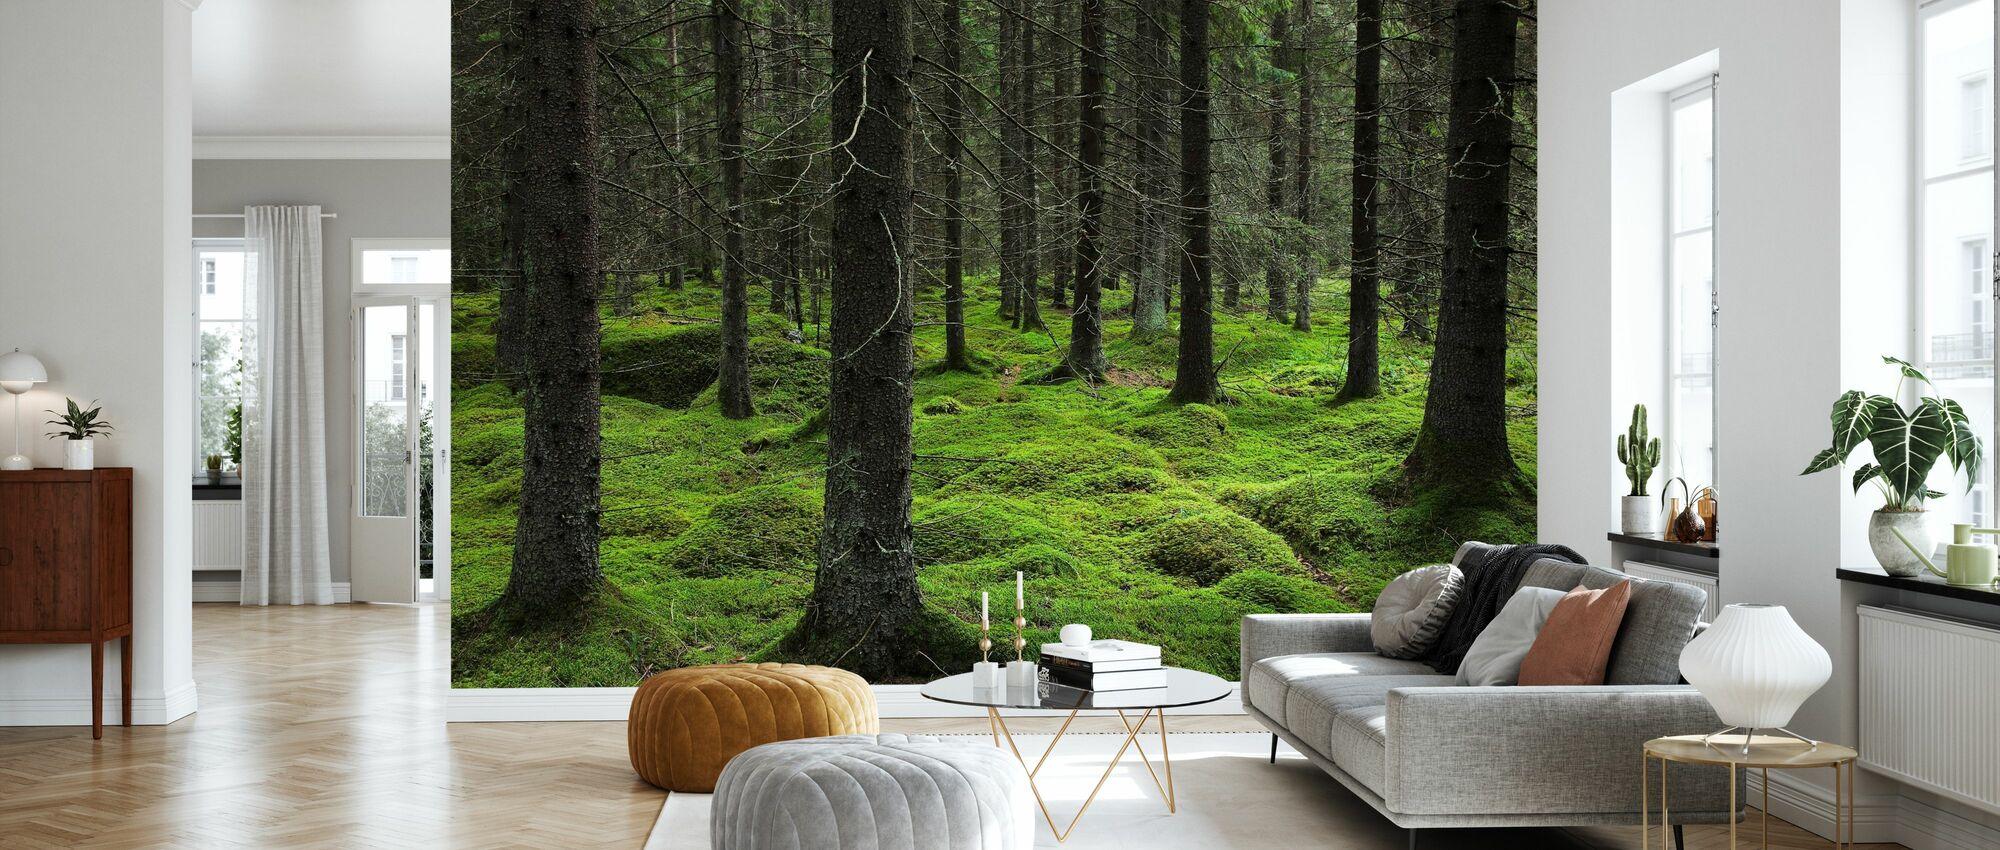 Peikko metsä - Tapetti - Olohuone